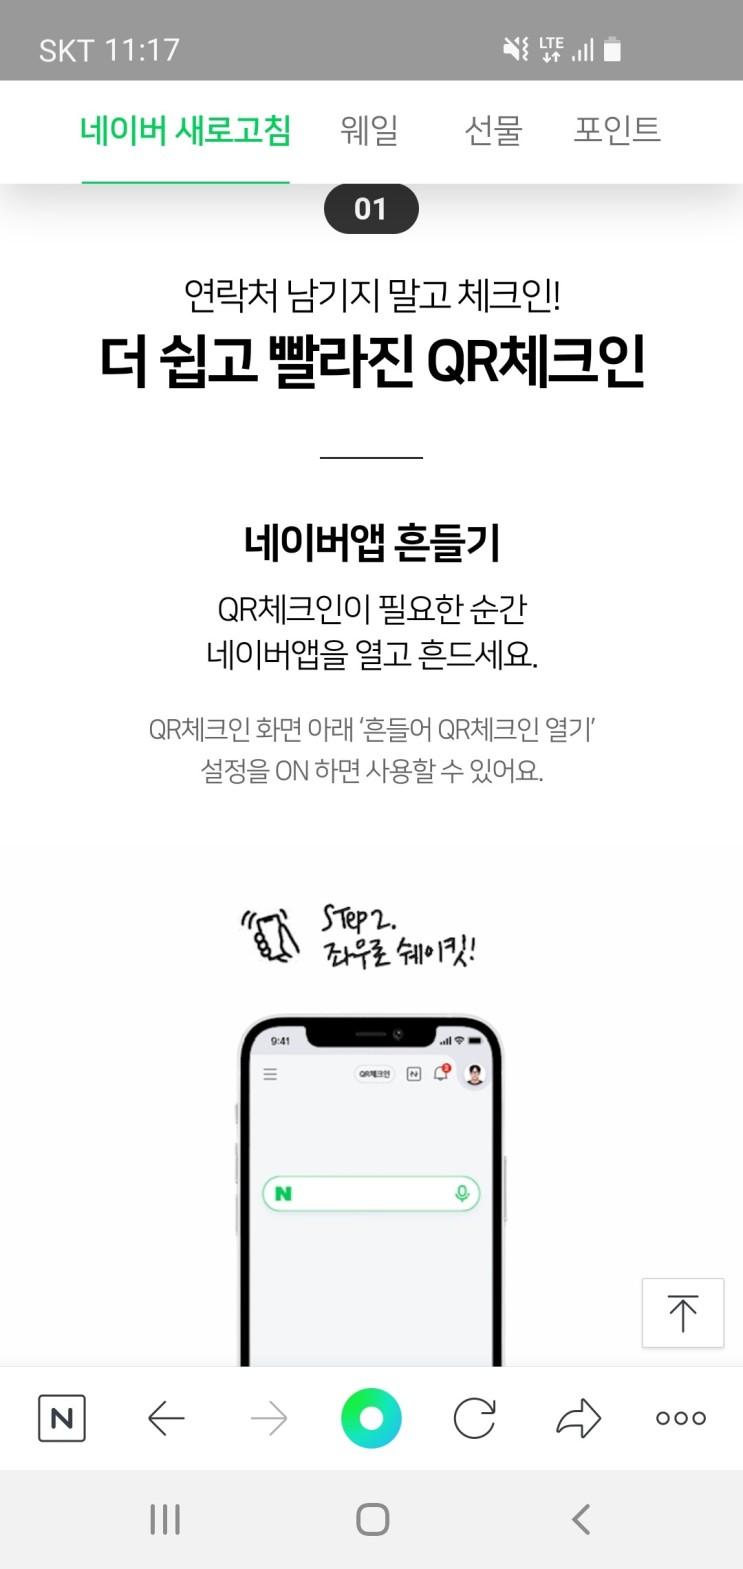 네이버 앱 업데이트로 간편 QR코드 인증하기!QR체크인 네이버 앱으로 간편하게